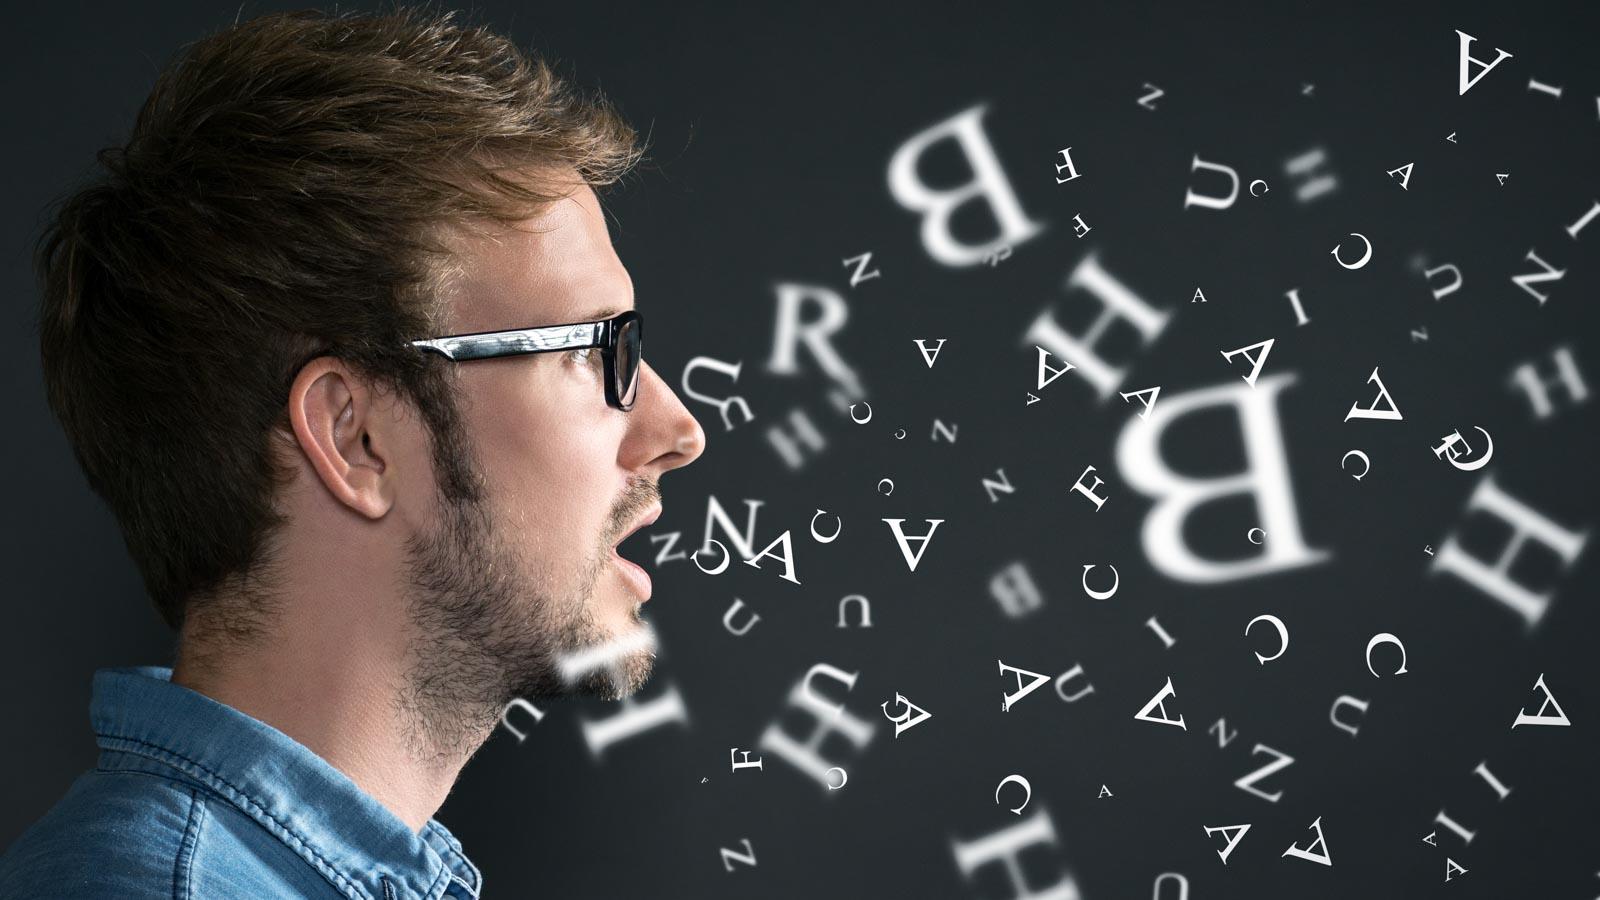 Profilaufnahme eines Mannes aus dessen Mund Buchstaben fliegen